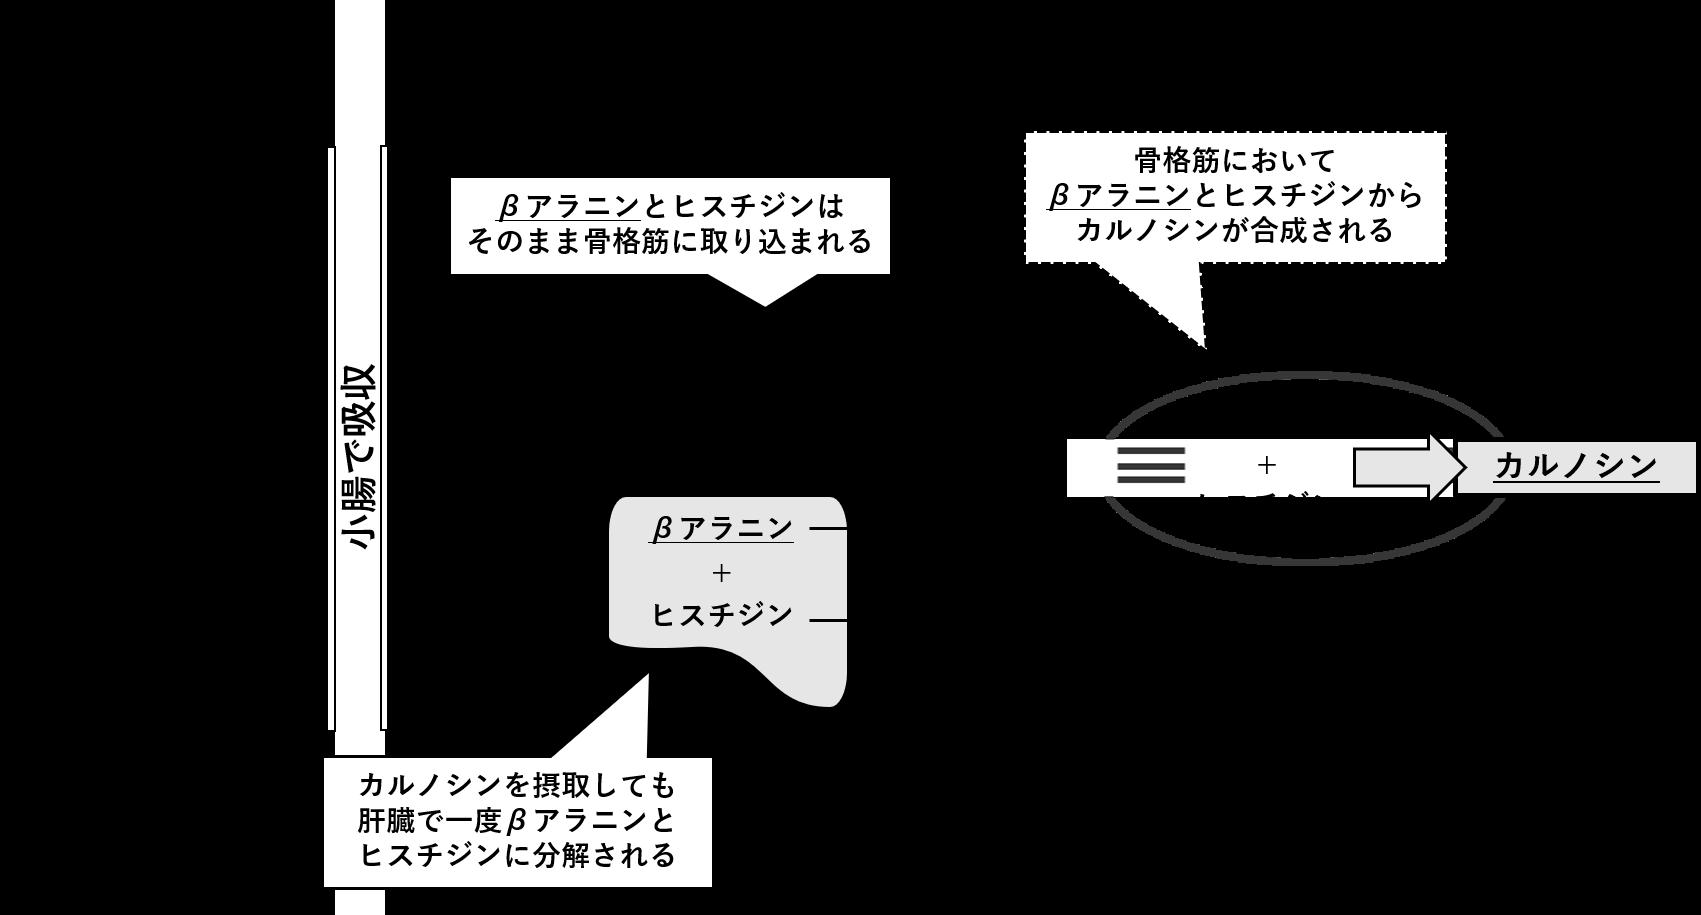 図2. 骨格筋におけるカルノシン合成の過程